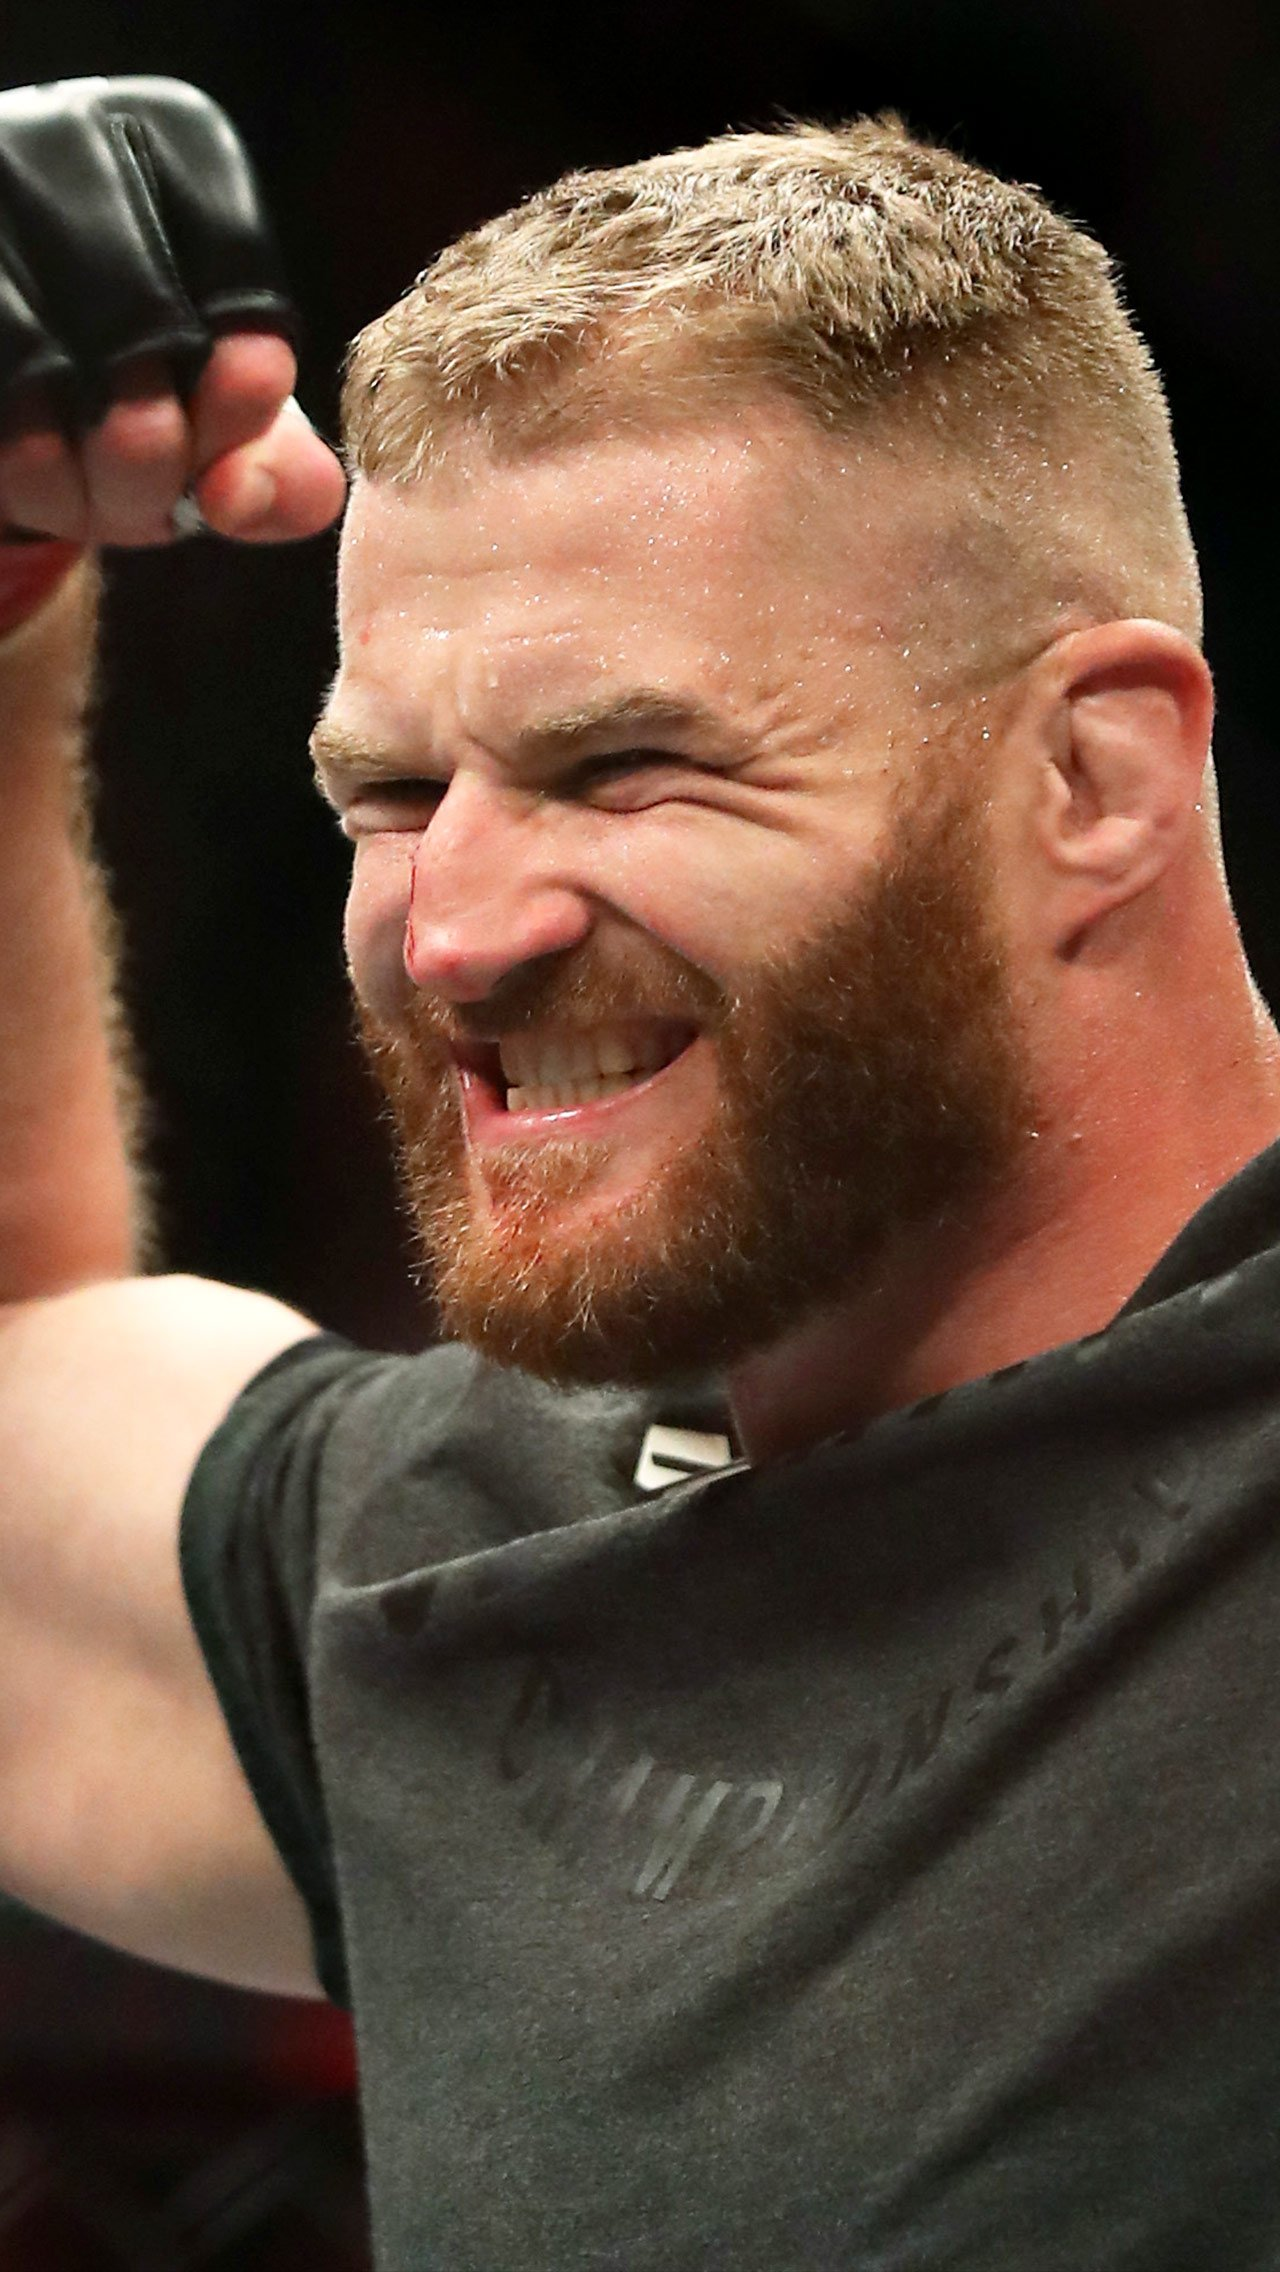 Польский атлет тонко потроллил Волка: «В интернете Чимаев уже выиграл все пояса UFC».